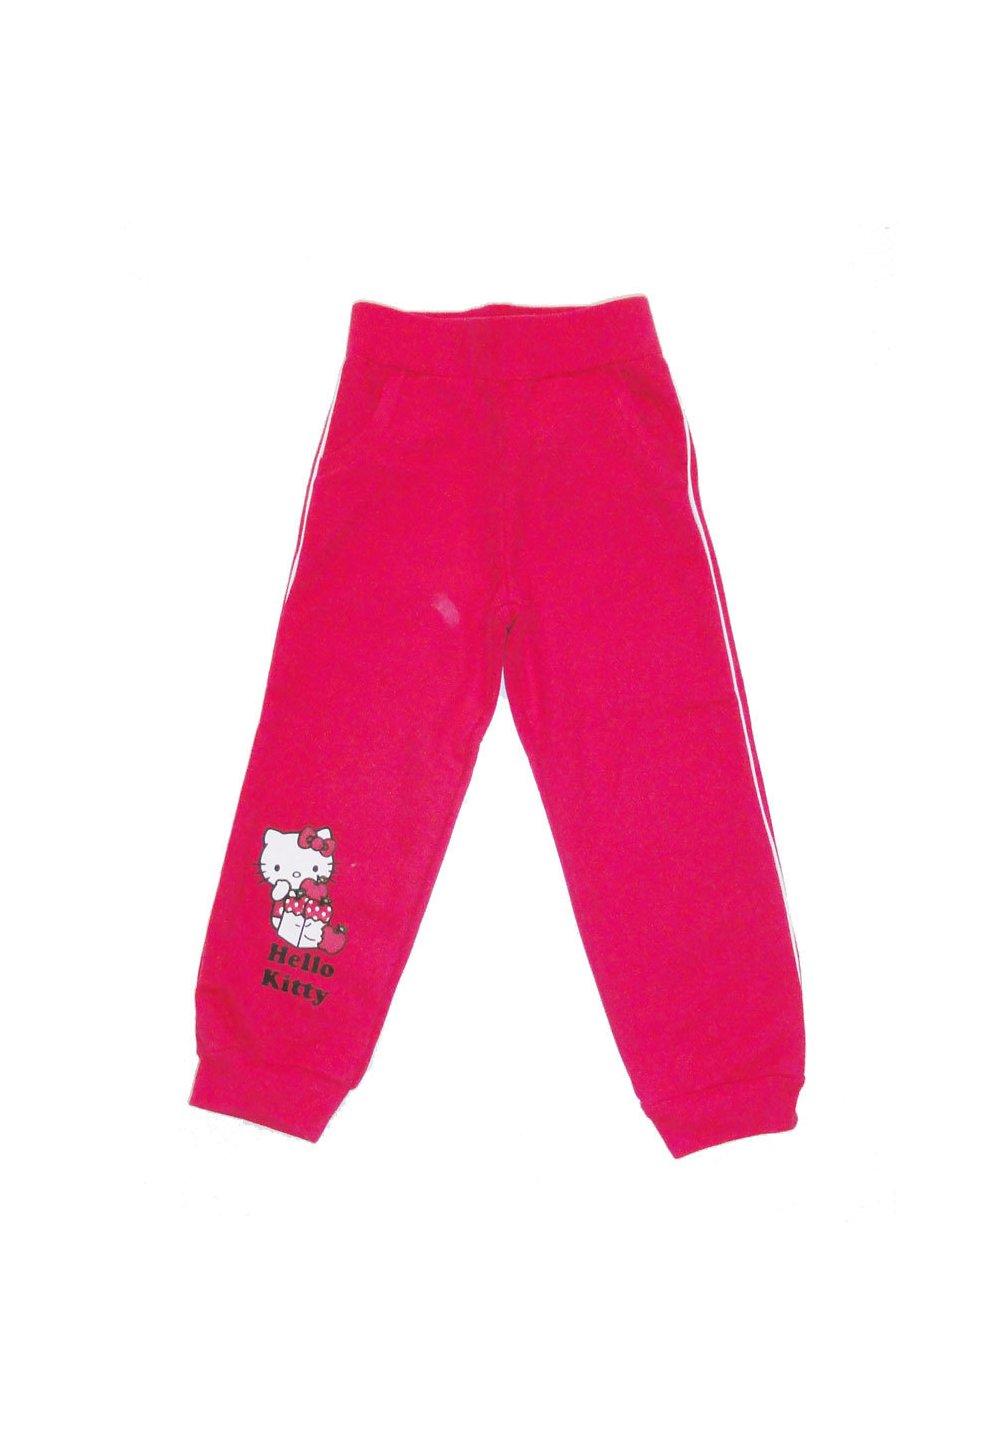 Pantaloni de trening HK roz 2592 imagine